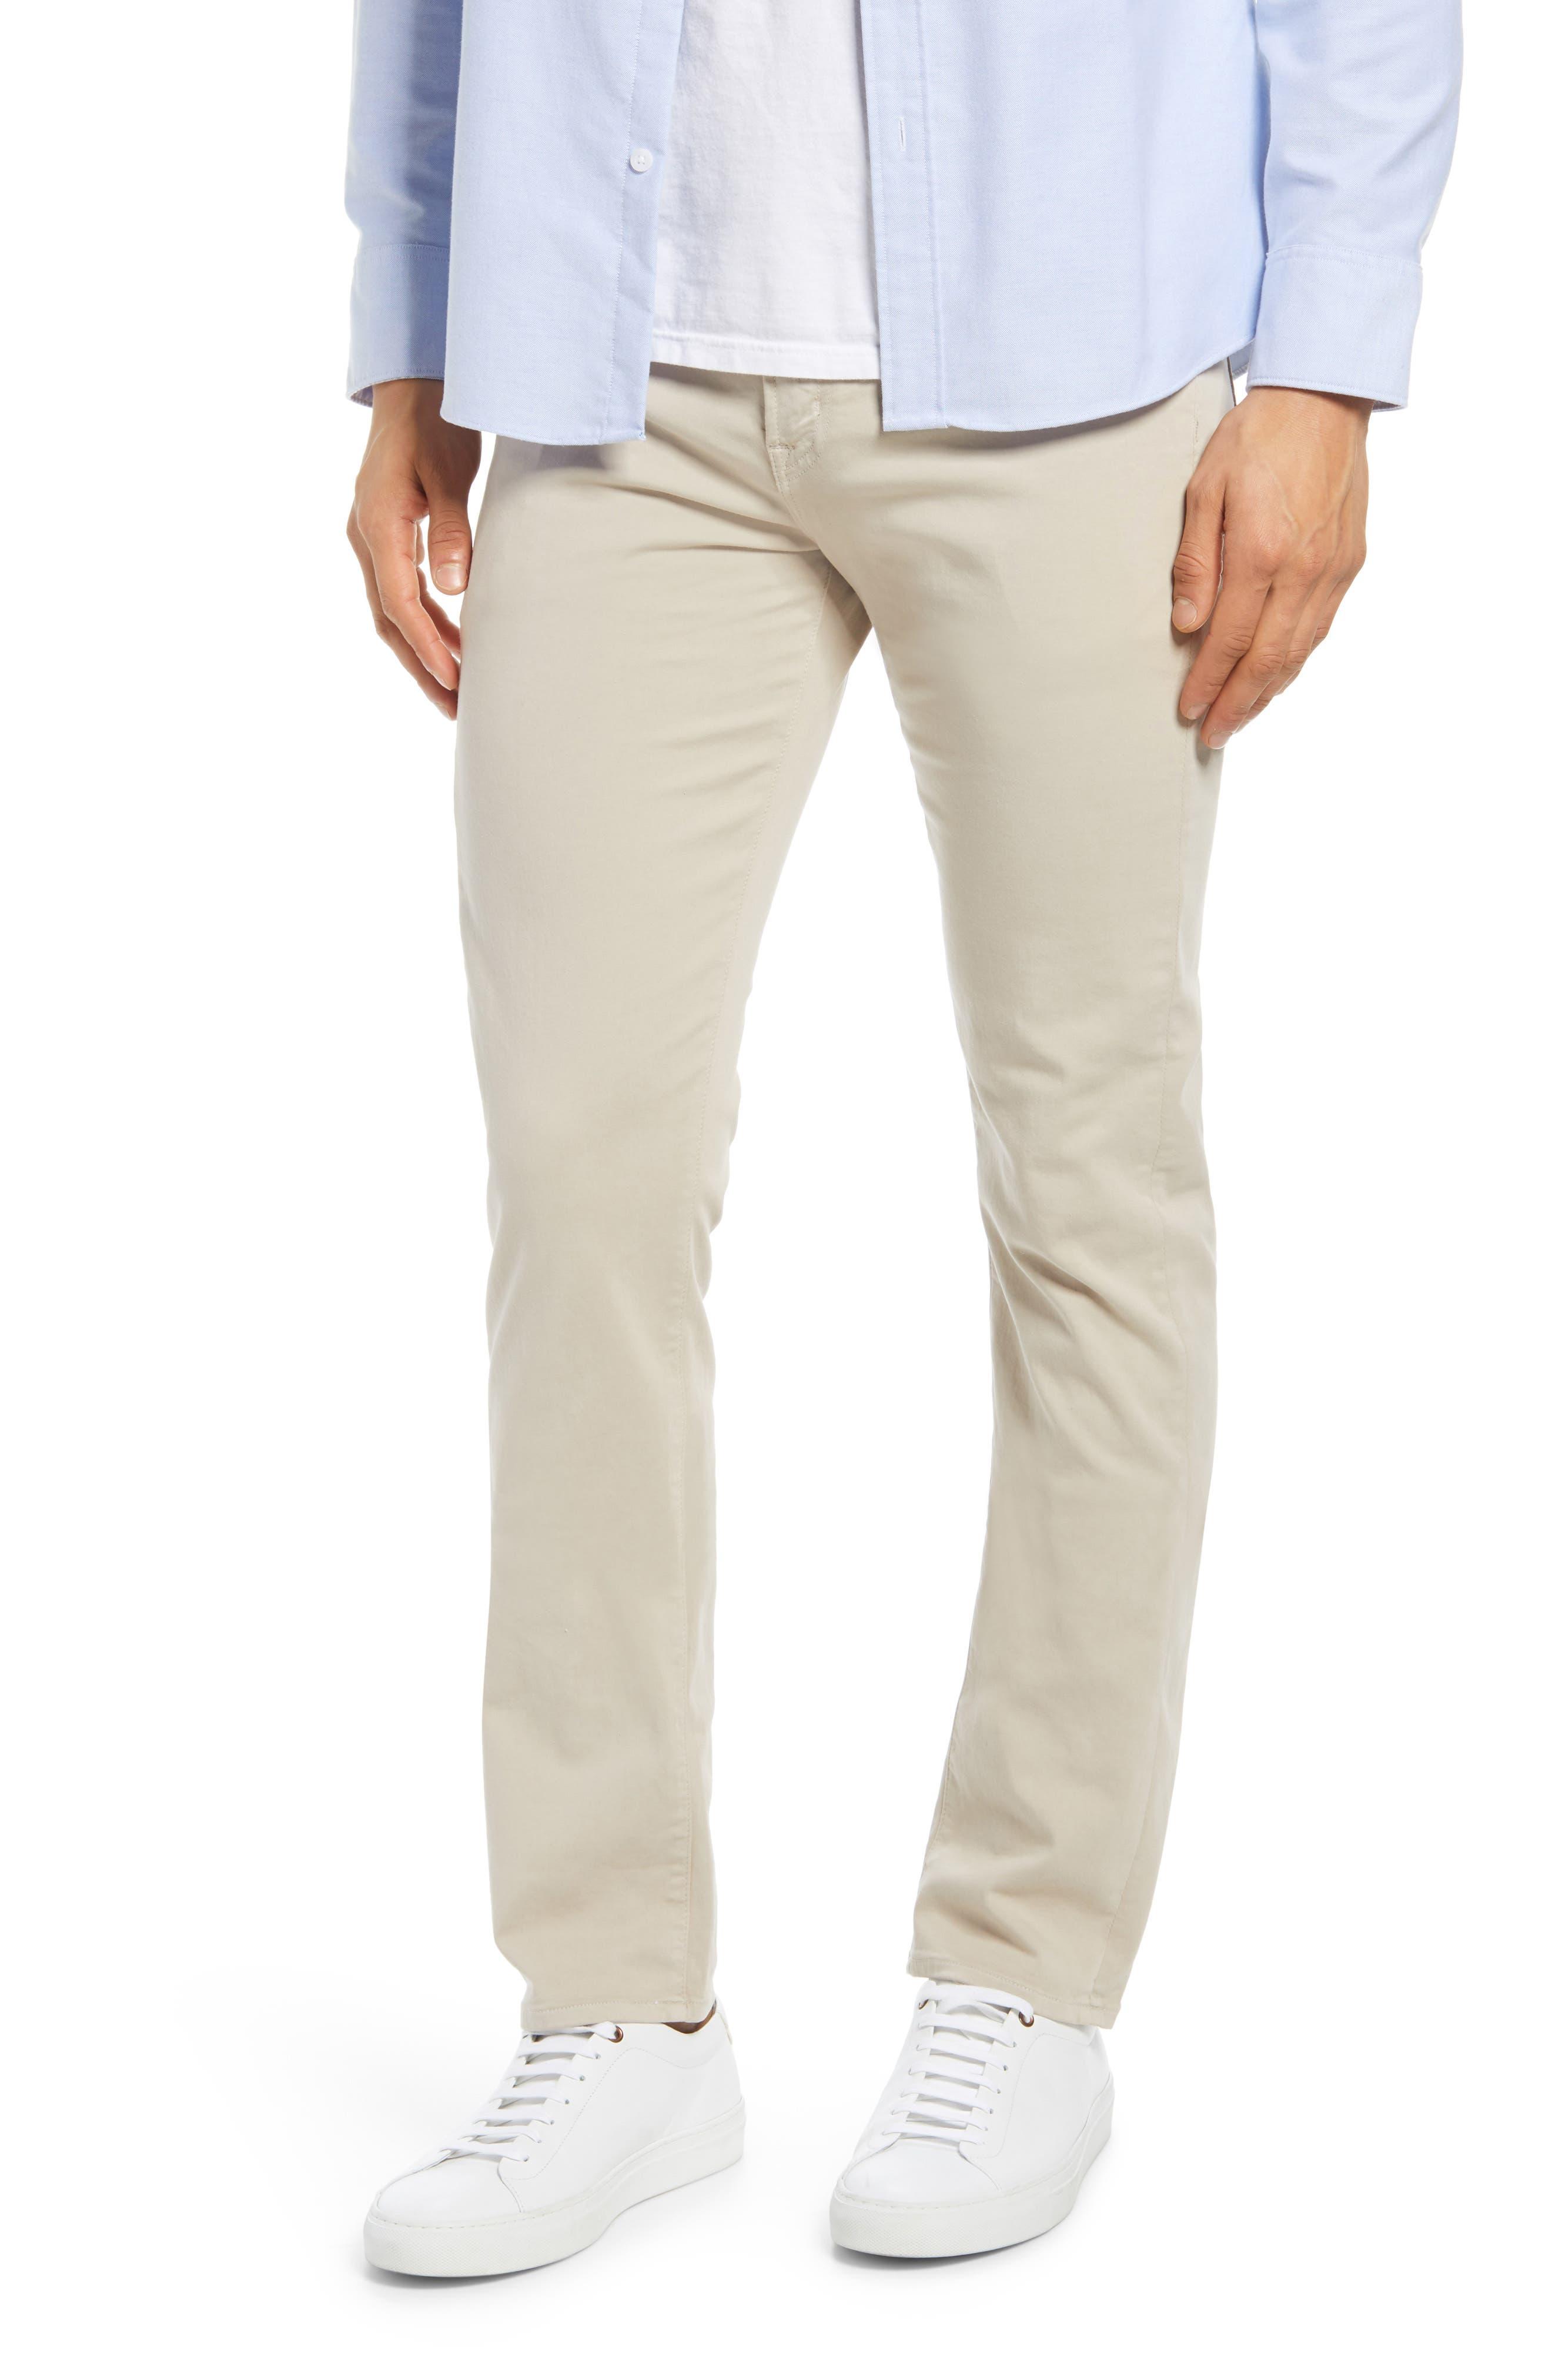 Maddox Endurance Slim Fit Jeans